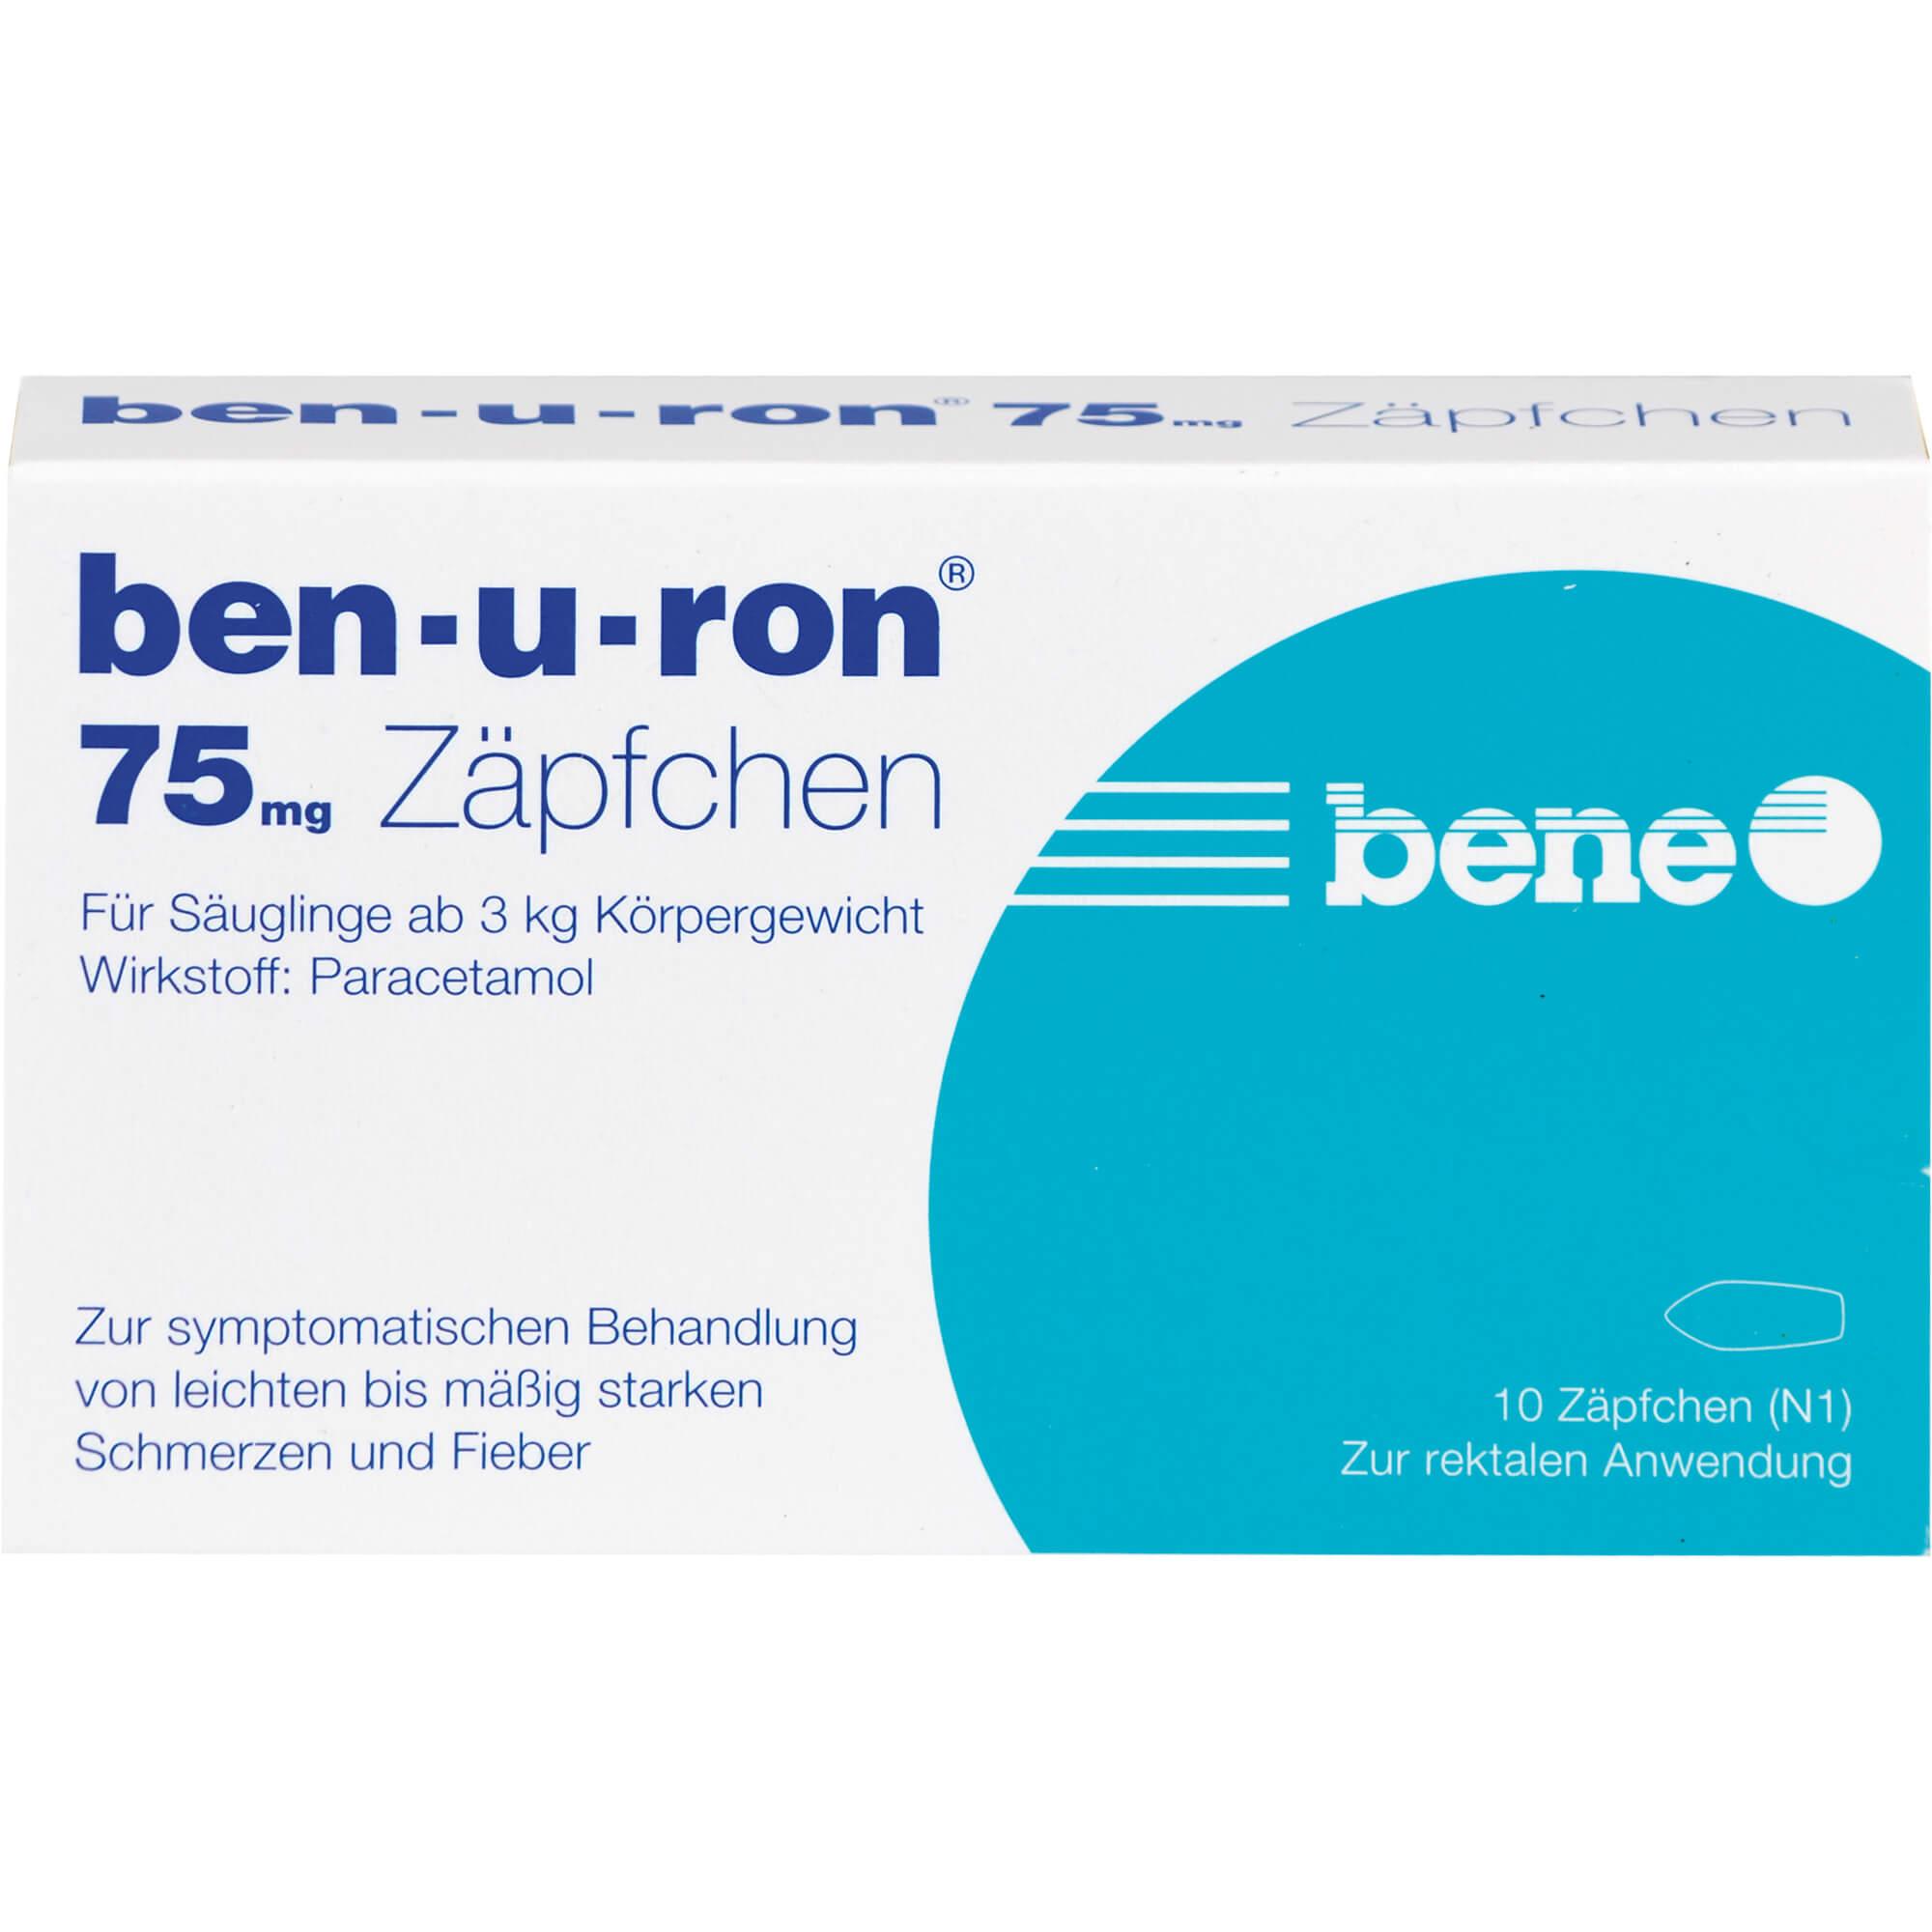 BEN-U-RON 75 mg Suppositorien